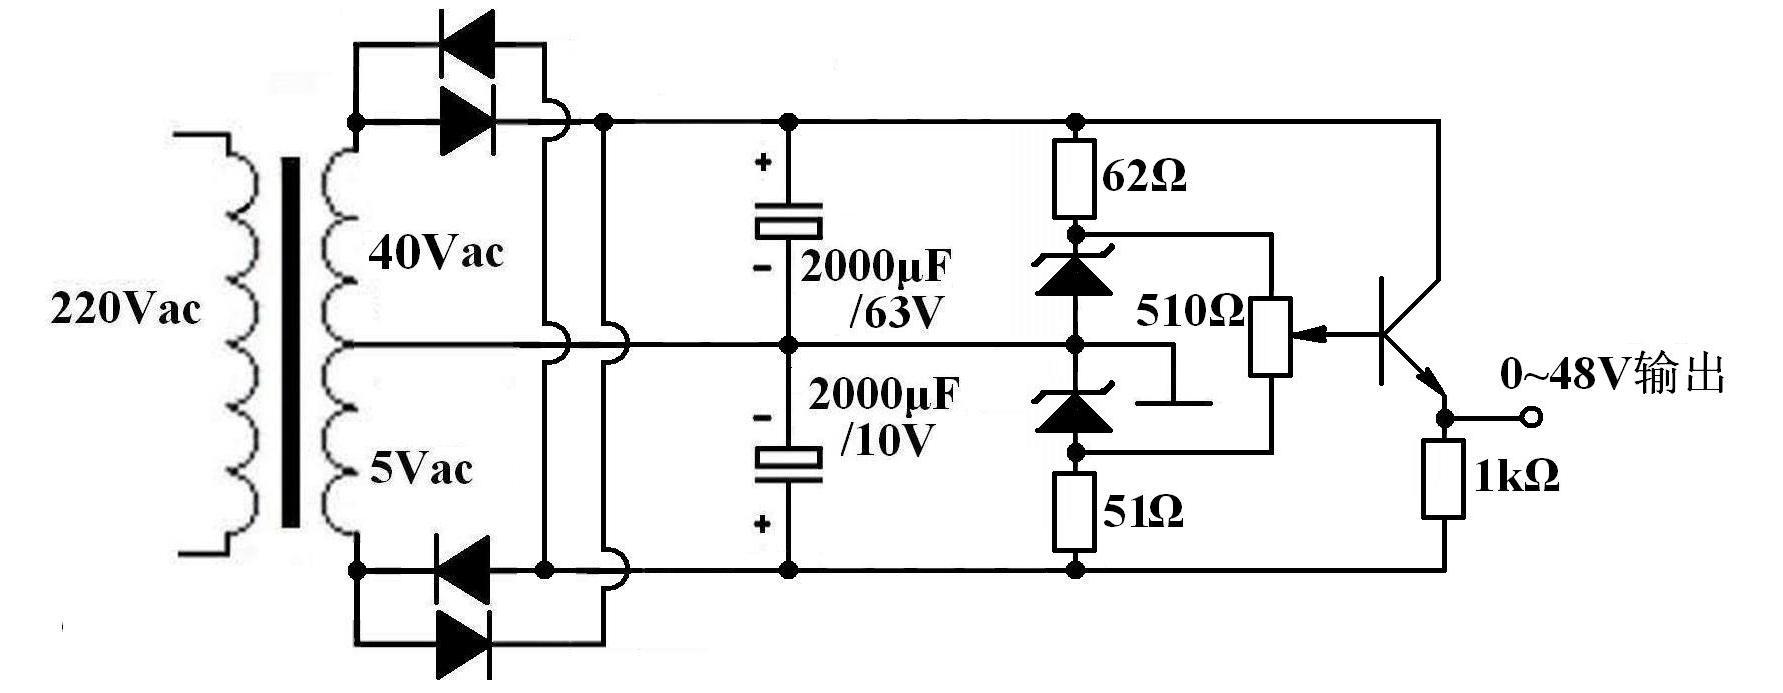 做一个整流0--48v可调电路图需要哪些元器件